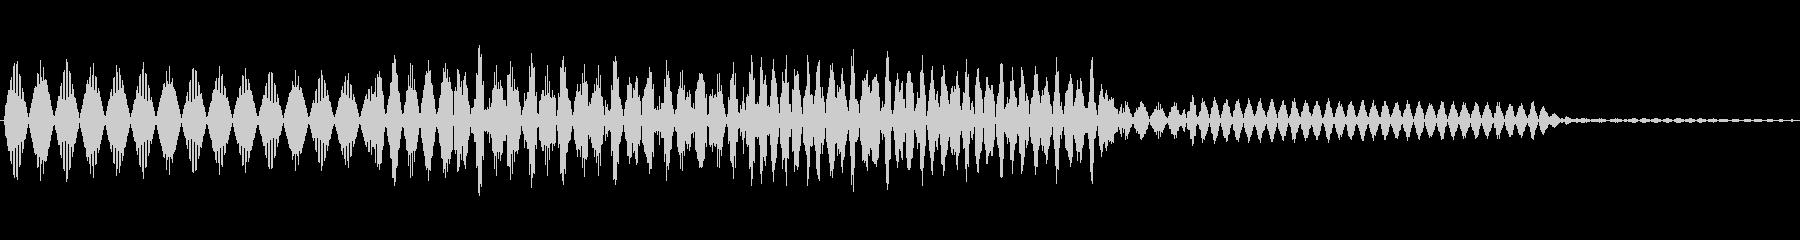 ボタン決定音システム選択タッチ登録C08の未再生の波形